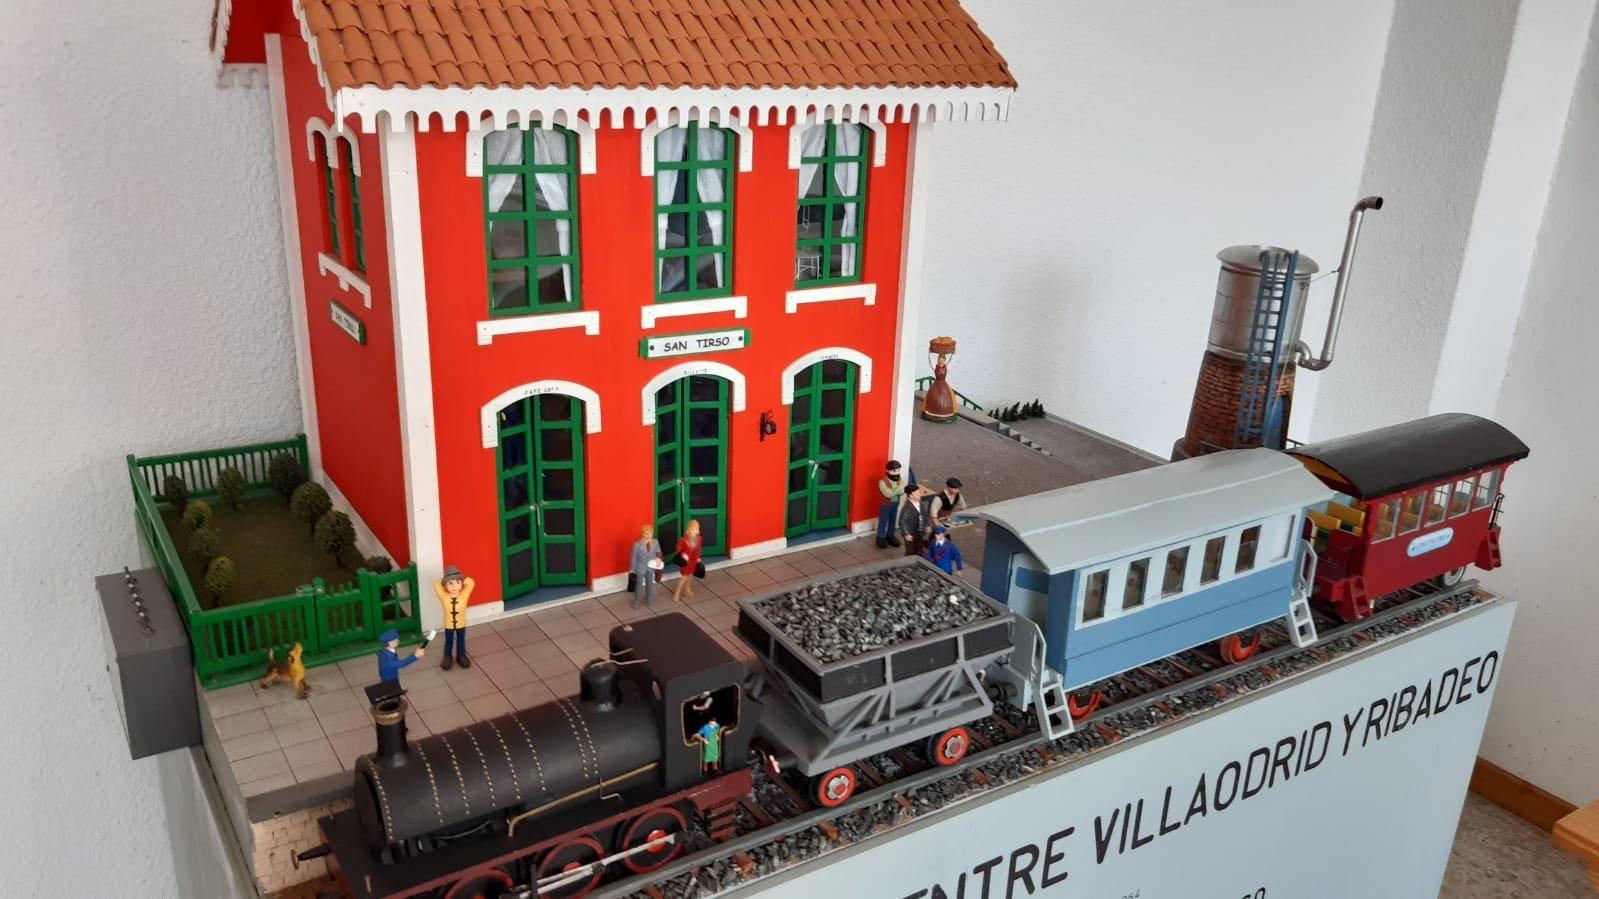 La Oficina de Turismo de San Tirso de Abres exhibe una maqueta de la antigua estación del tren minero